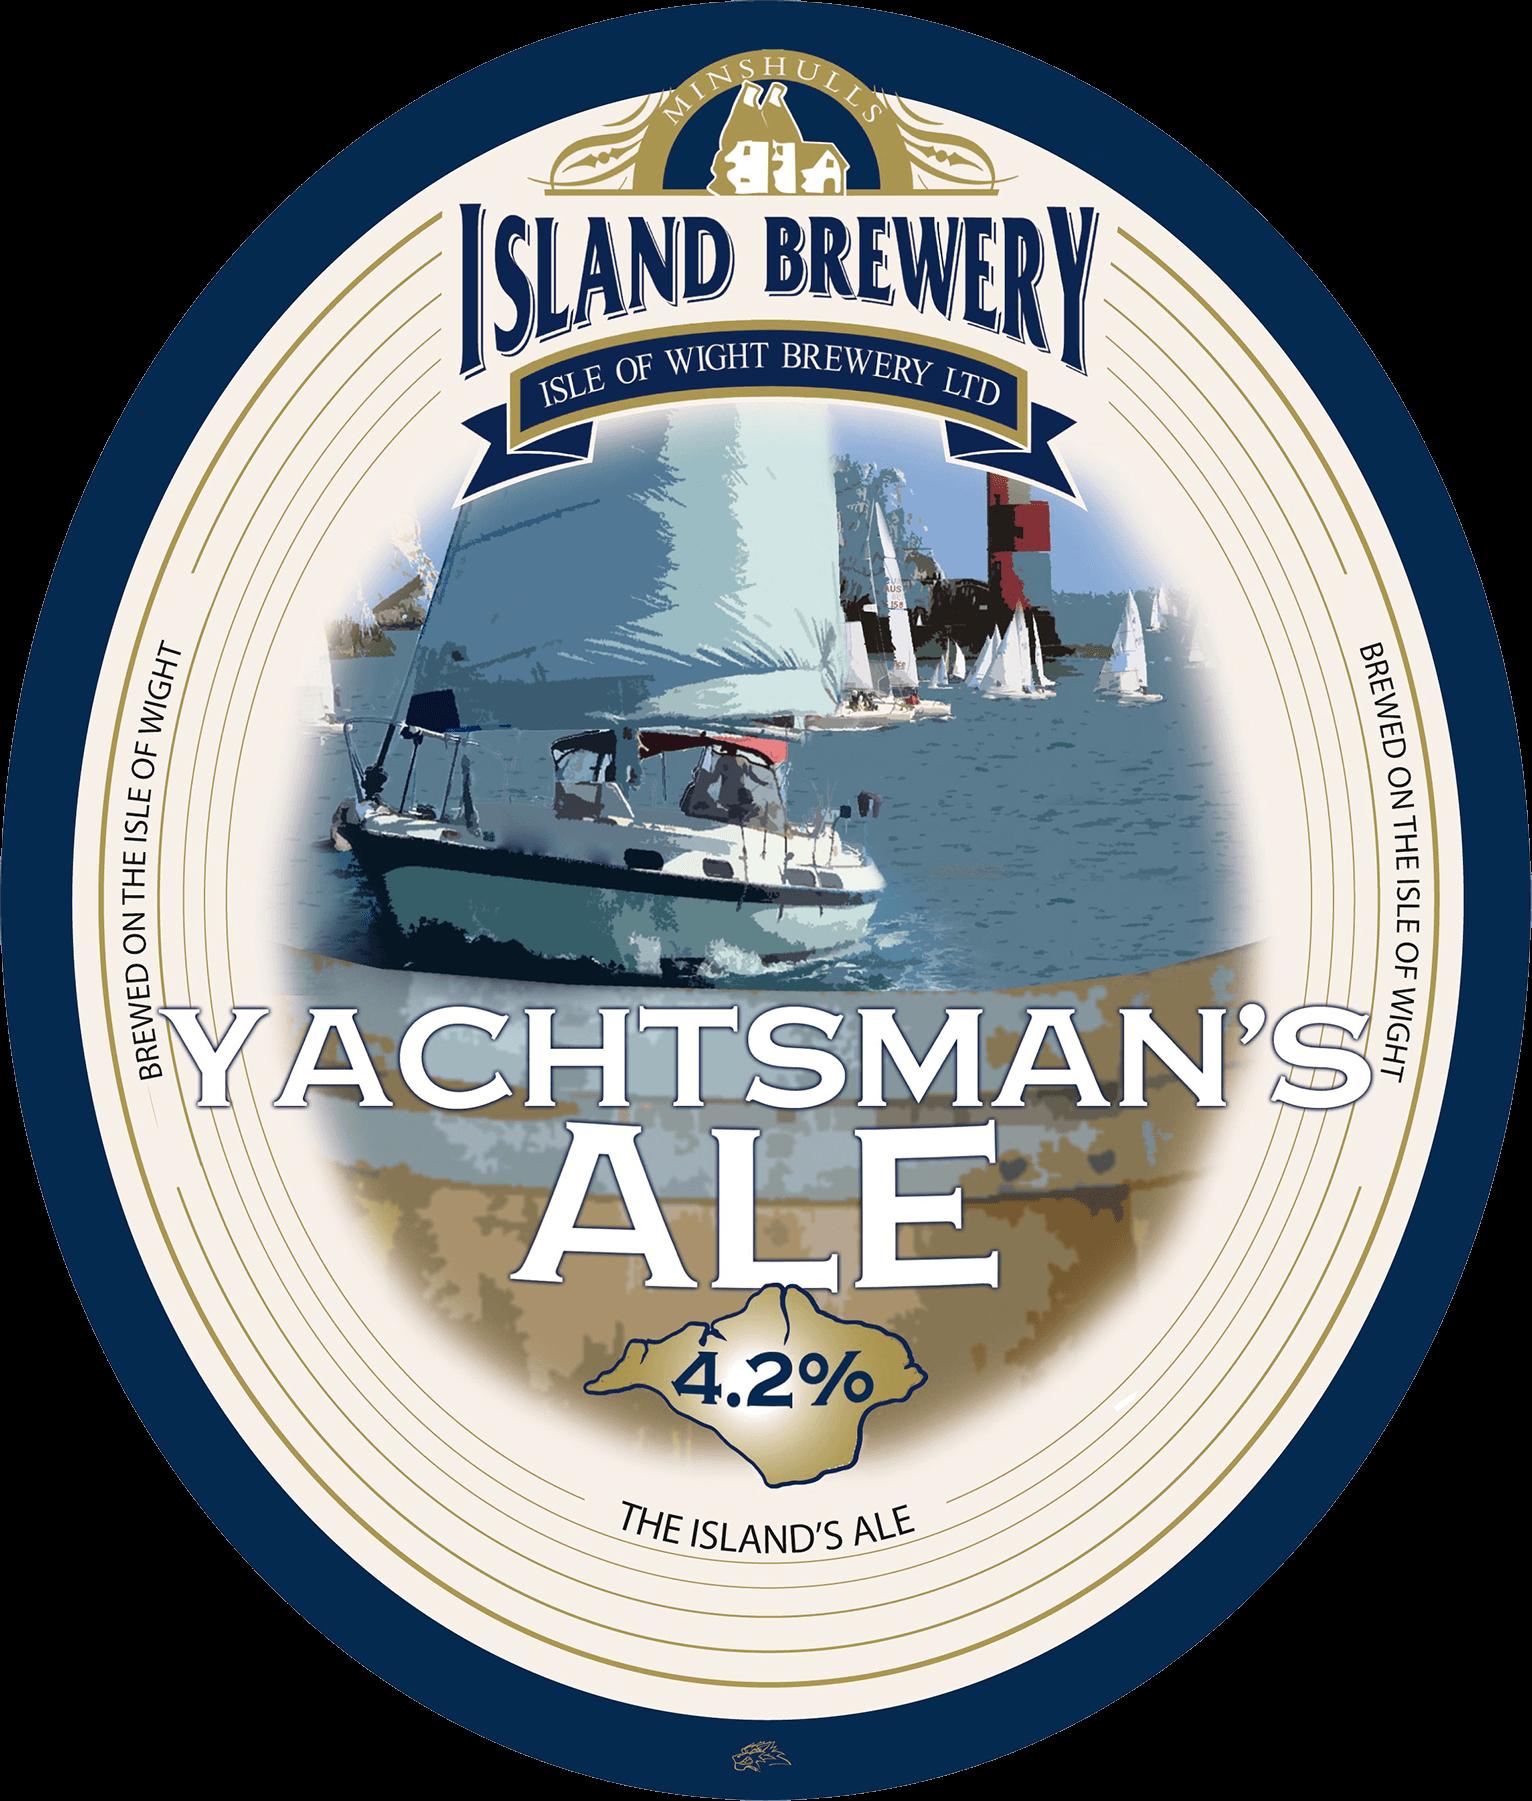 Yachtsman's Ale